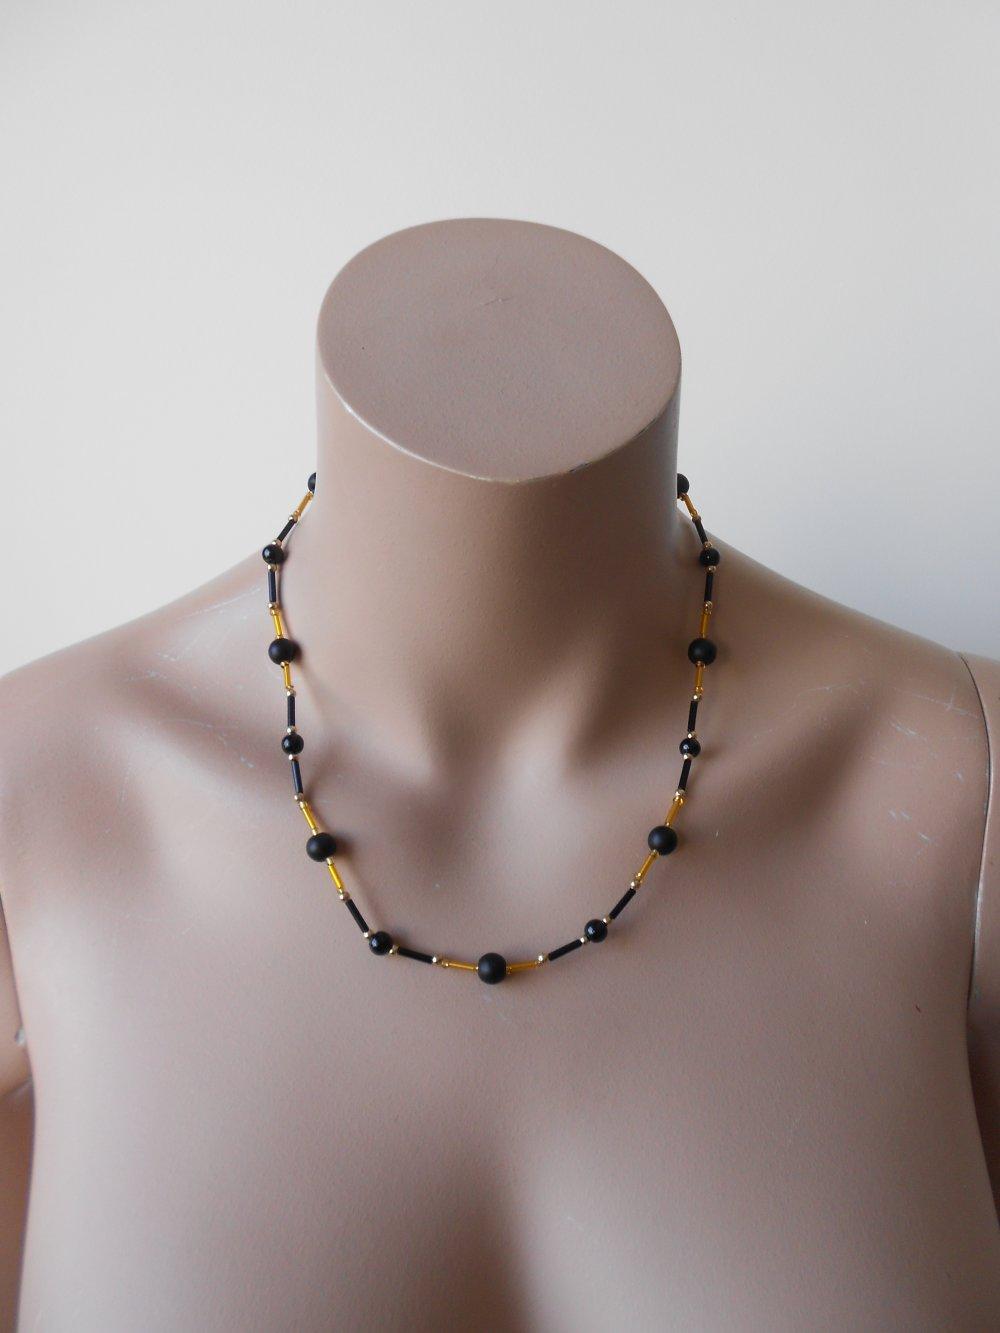 COLLIER pierres onyx, perles métal doré, perles de rocaille tubes, collier femme création, France, Paris, cadeau femme